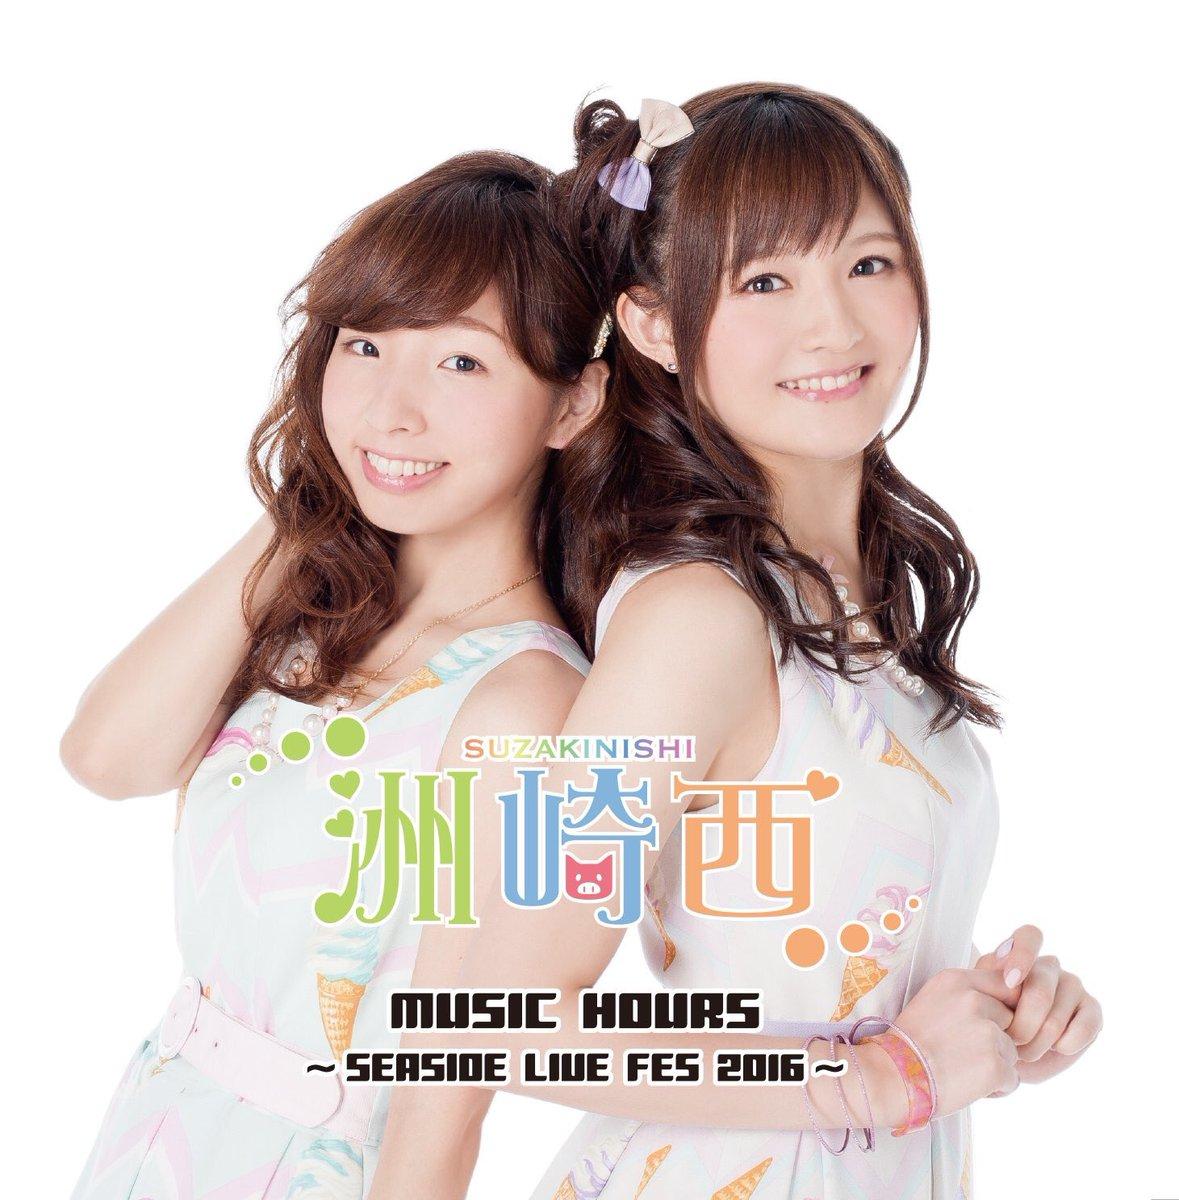 【発売中】12/11(日)舞浜アンフィシアターにて開催の「SEASIDE LIVE FES 2016〜MUSIC HOU